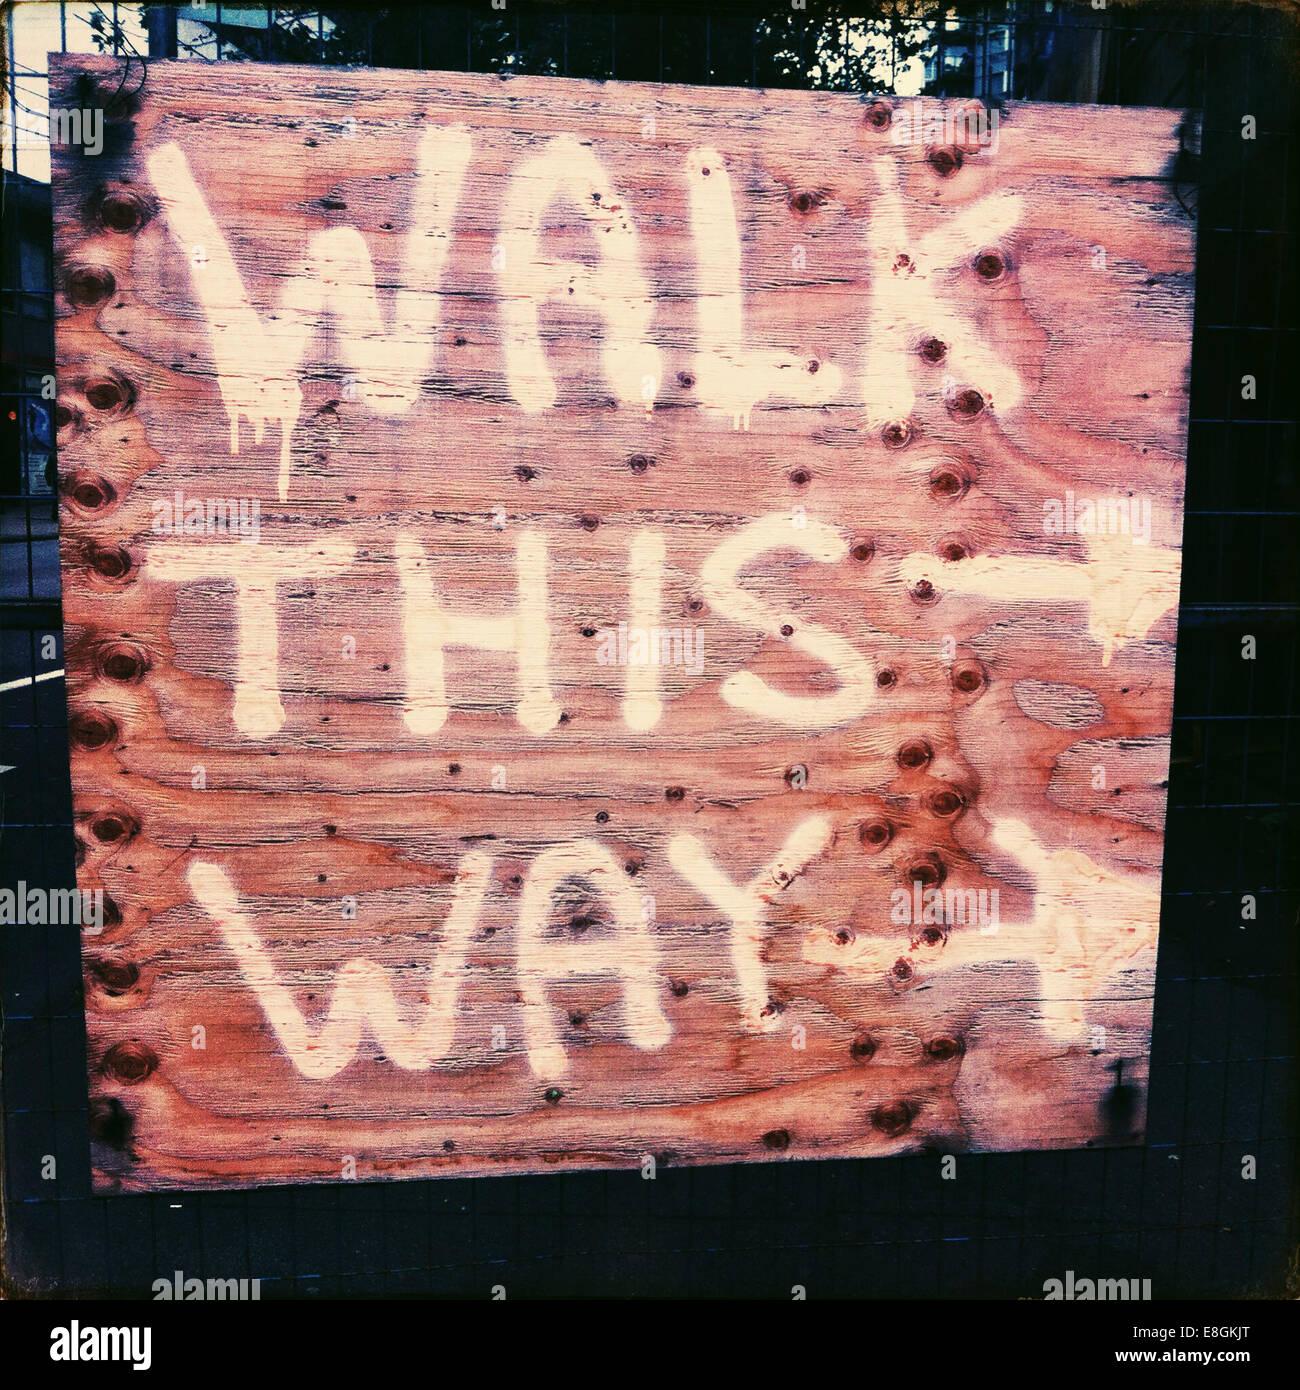 Gehen Sie auf diese Weise Wegweiser auf Bürgersteig in der Nähe von Baustelle Stockbild